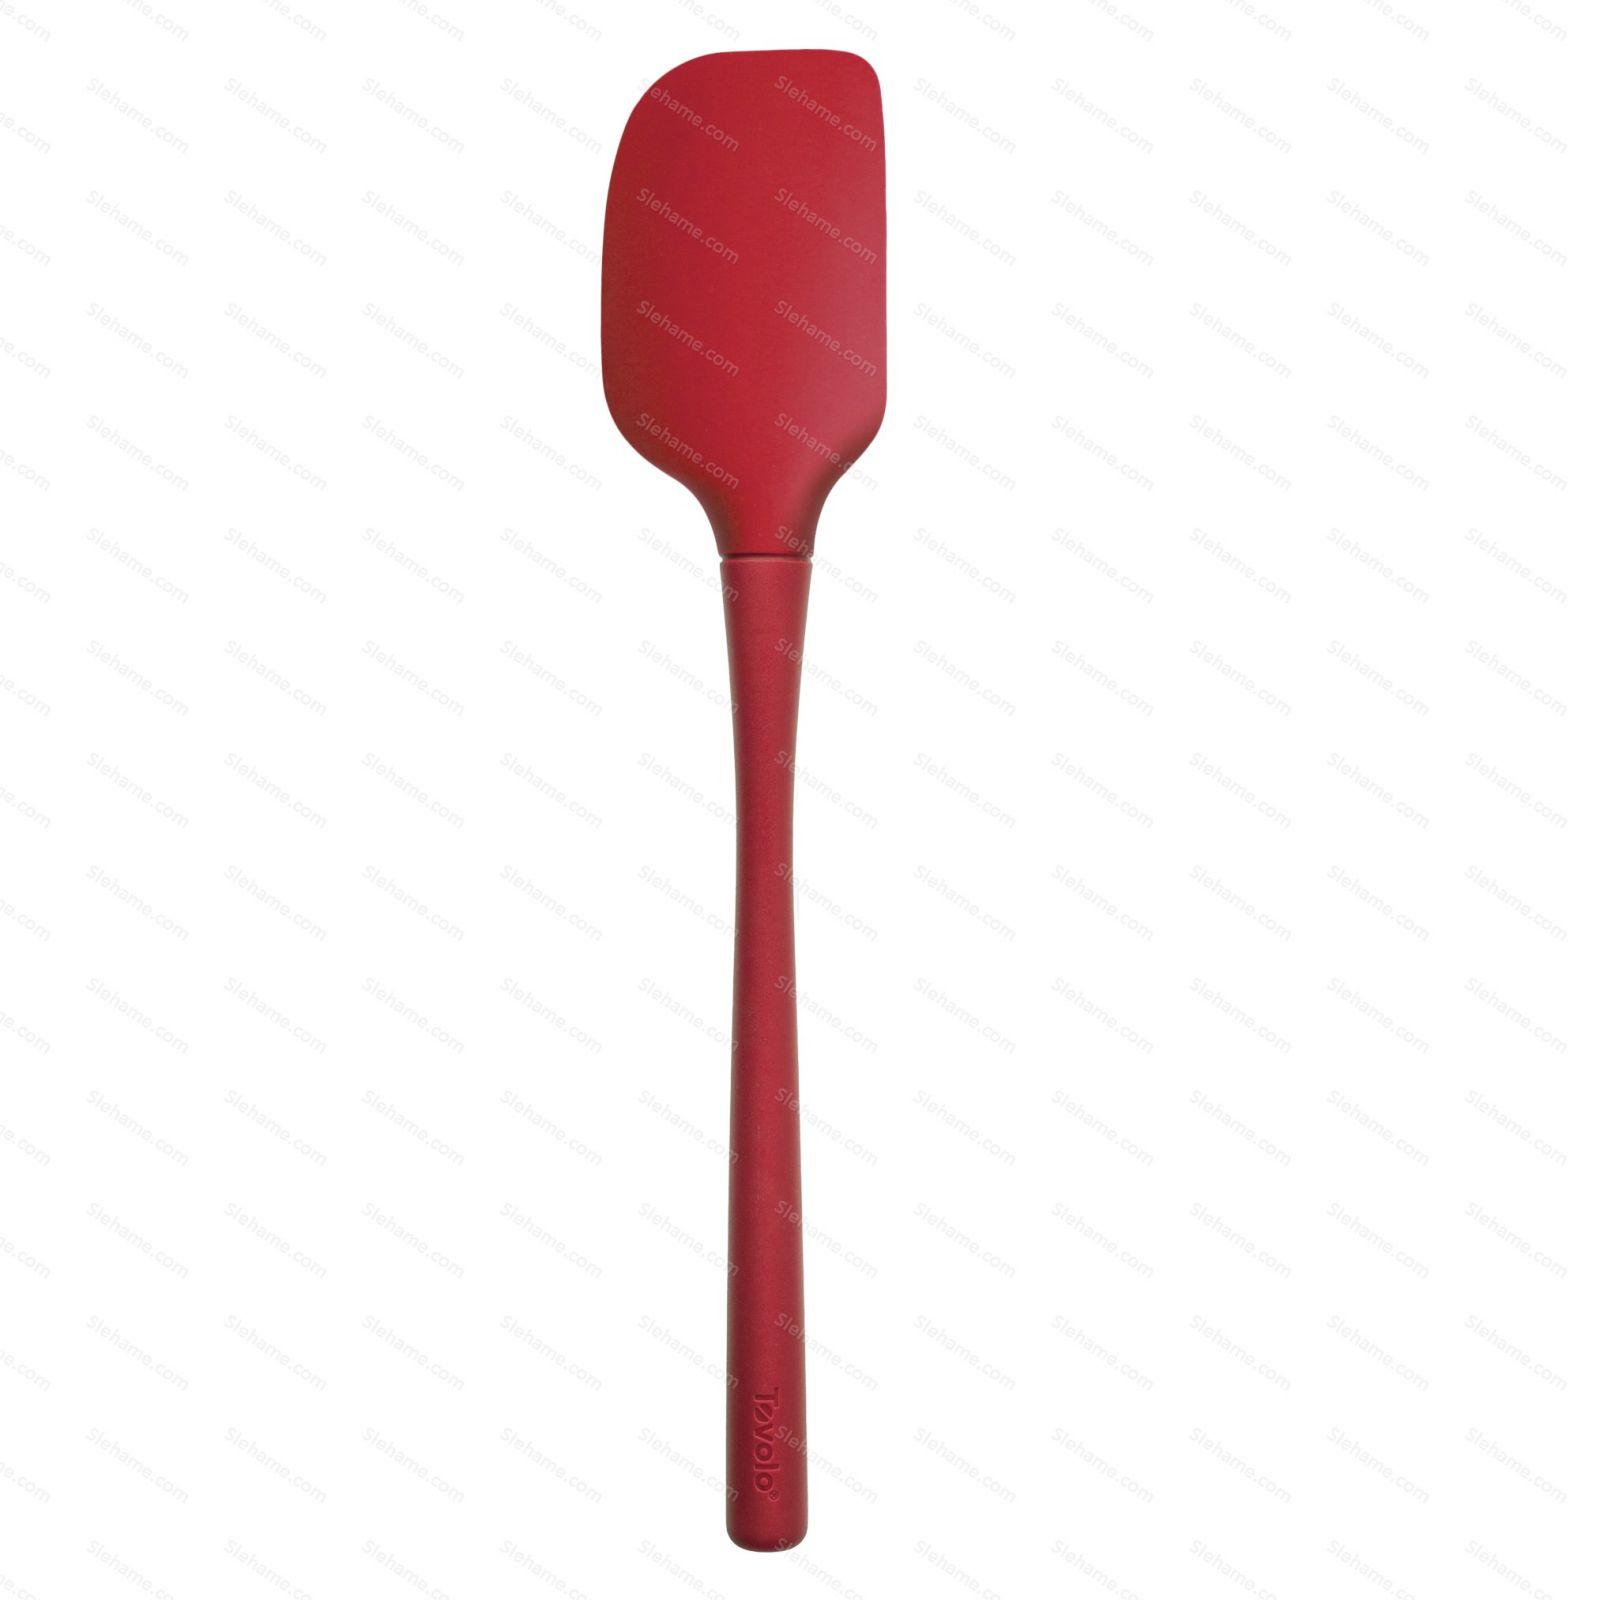 Tovolo FLEX-CORE All Silicone Spatula, cayenne